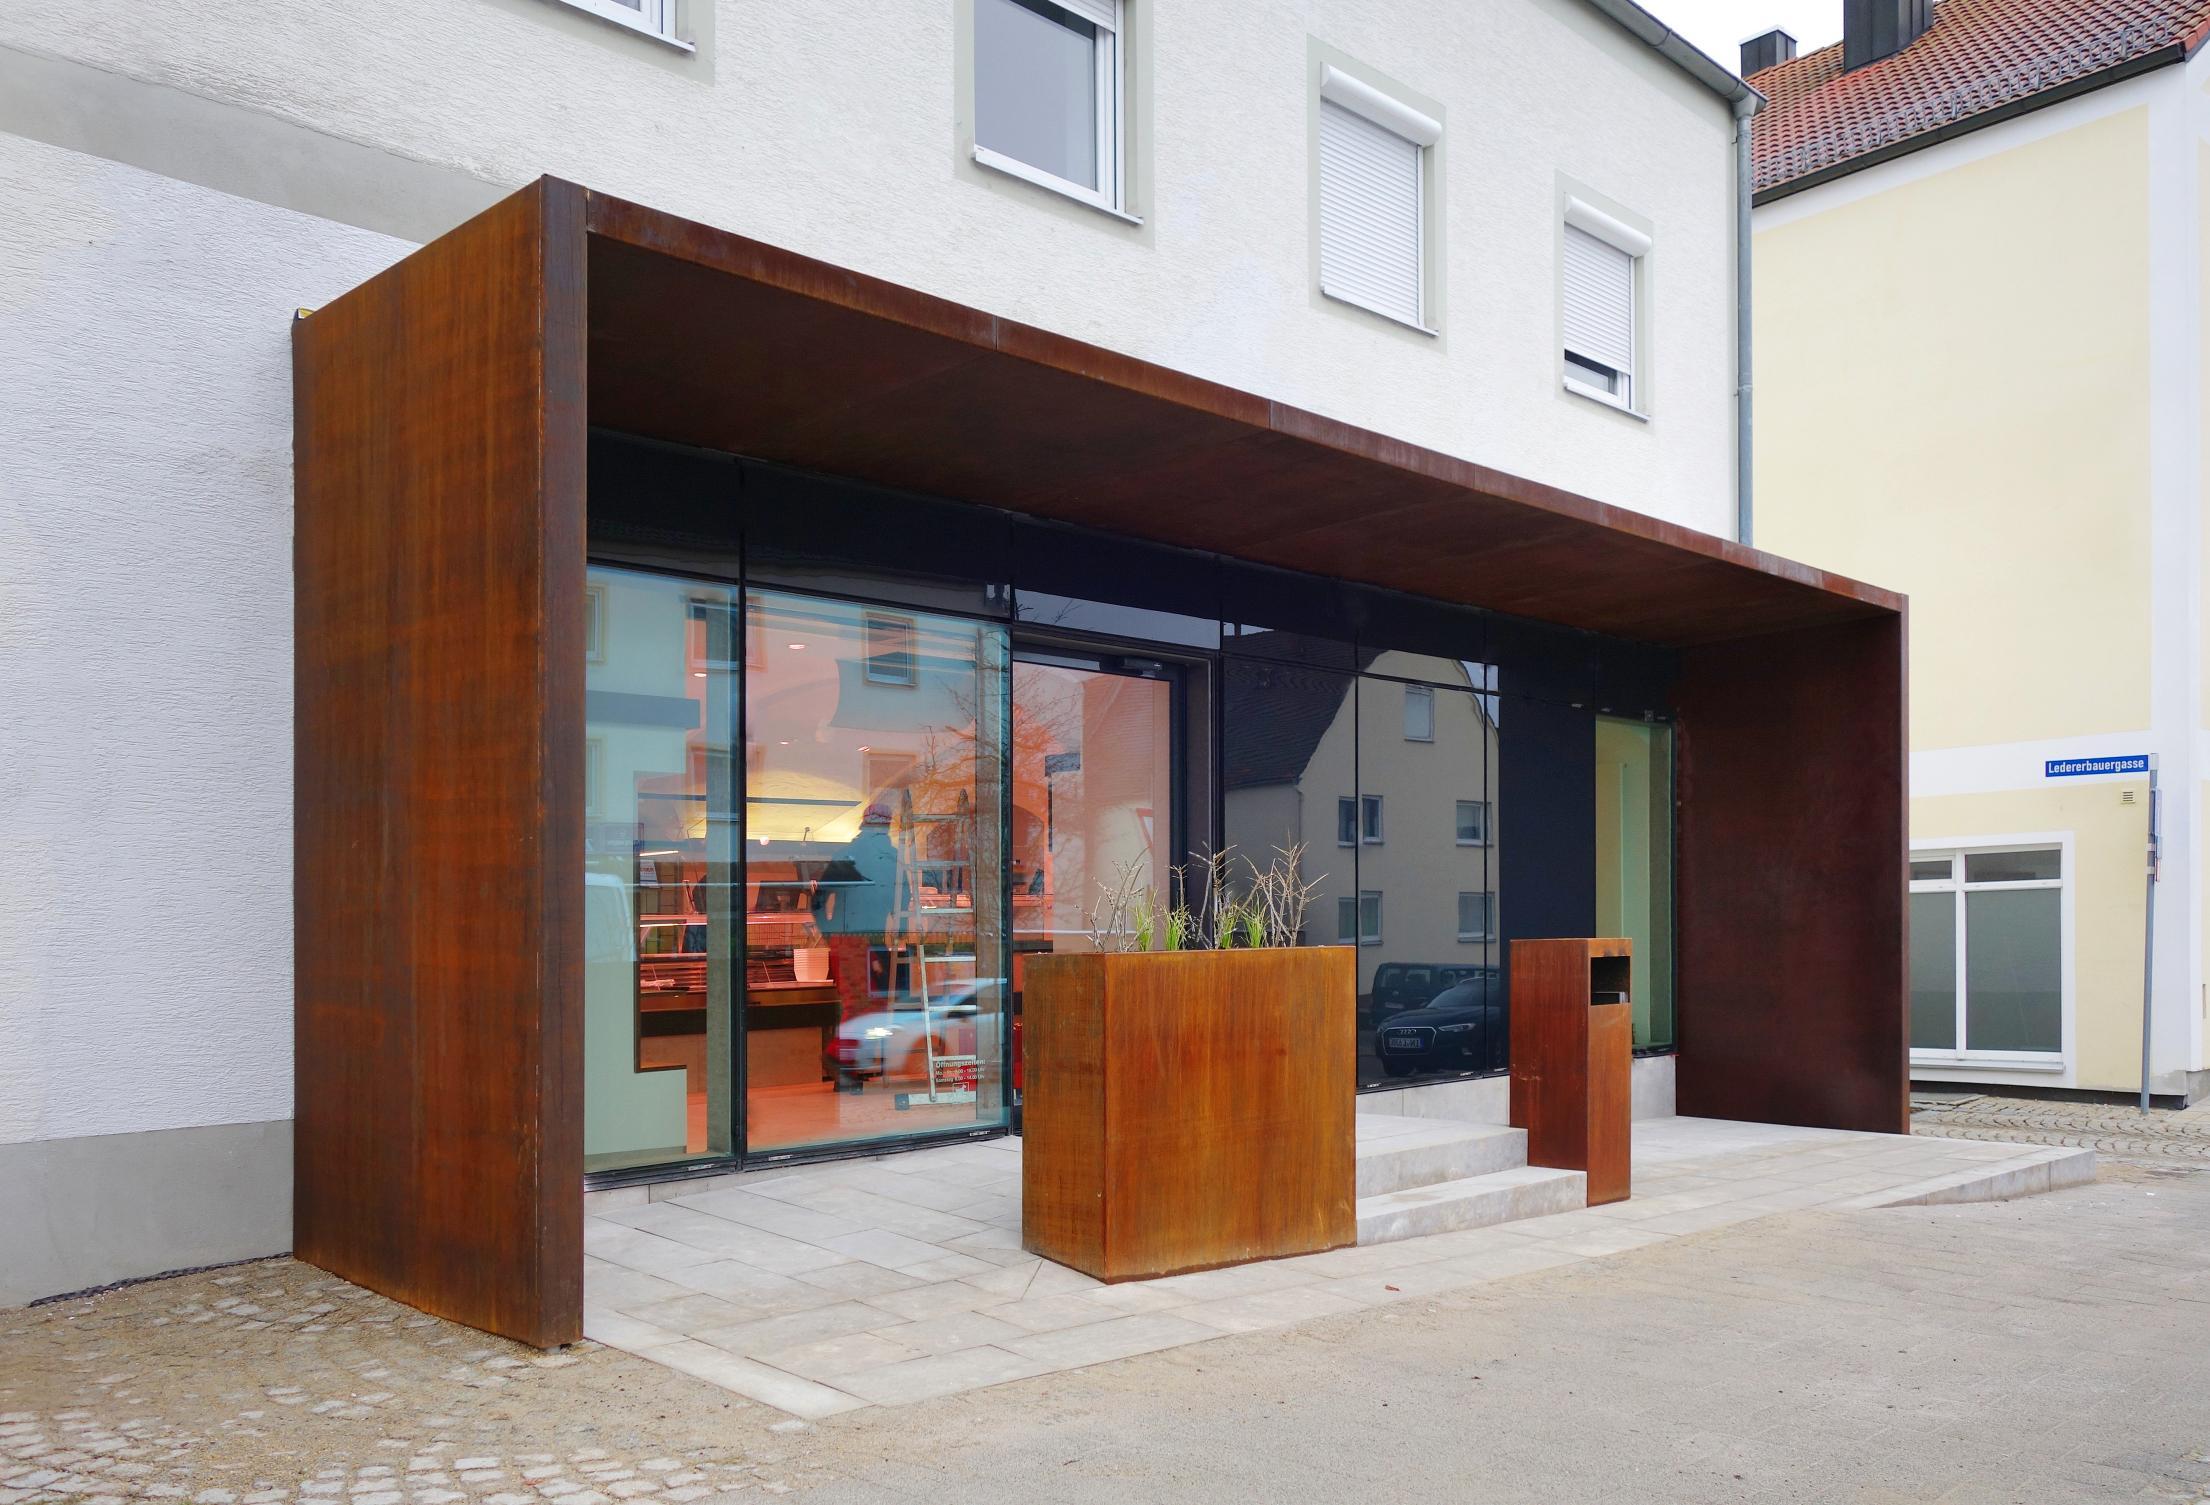 Die Filiale der Metzgerei Pauleser im neuen Design: Der Eingangsbereich erinnert mit seiner Cor-Ten-Stahl-Konstruktion an die Köschinger Tore im Kreisverkehr am nordwestlichen Ortseingang. Die große Glasfront lässt viel Licht ins Innere fluten.